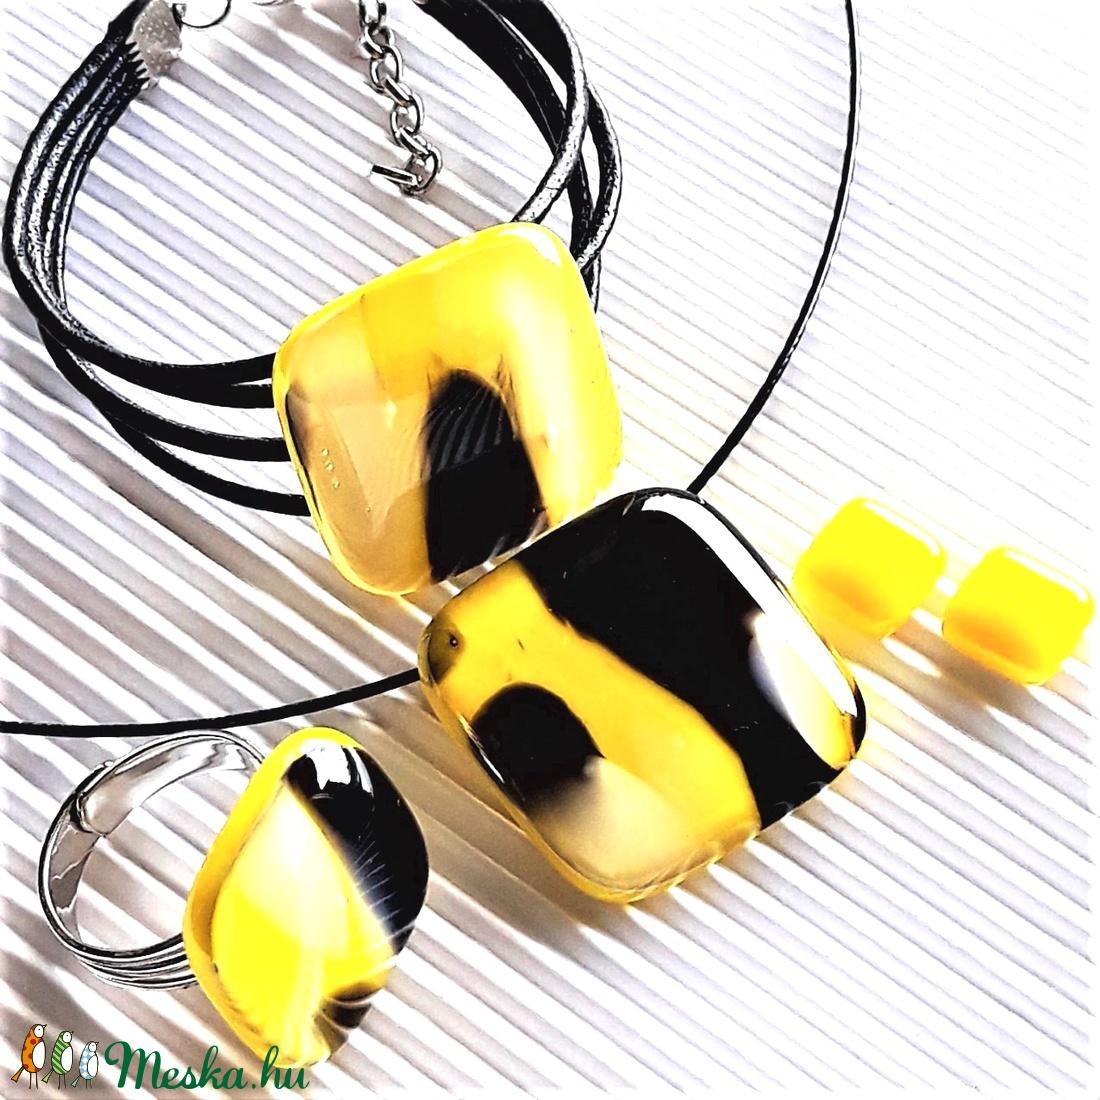 Holdfény sárgában üveg kocka medál, gyűrű, karkötő és fülbevaló orvosi fém bedugón, üvegékszer szett - ékszer - ékszerszett - Meska.hu